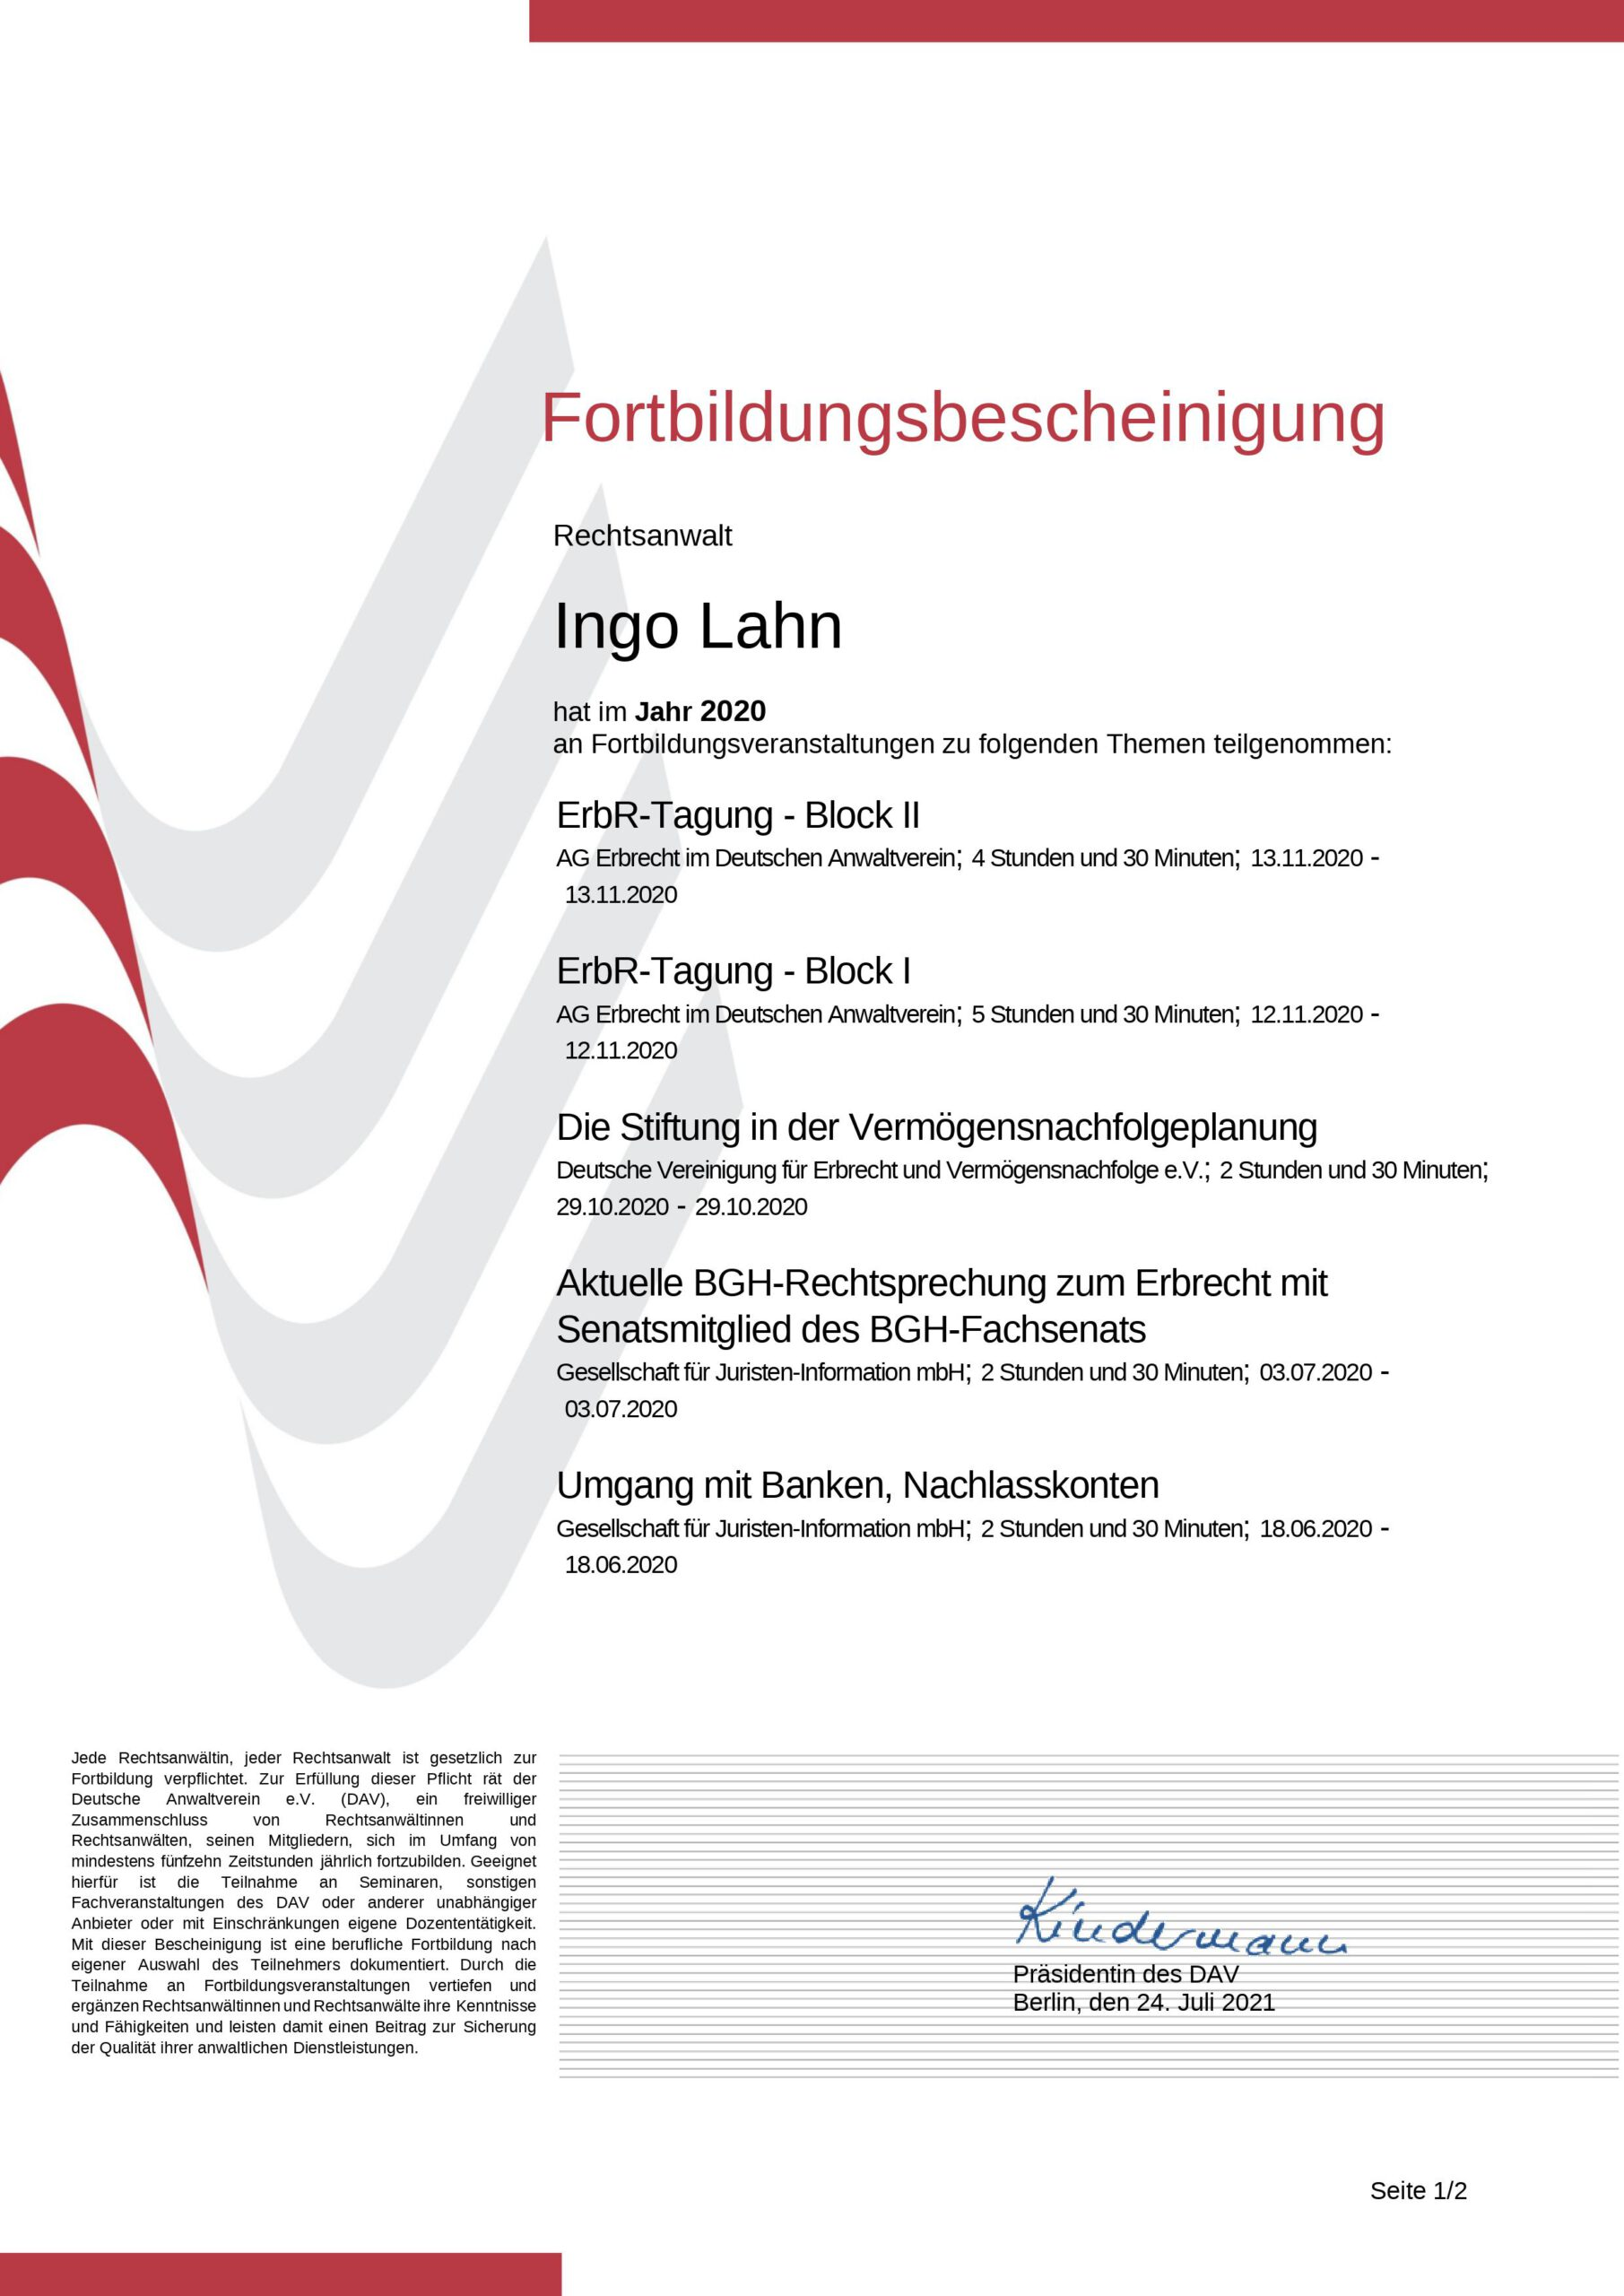 Fortbildungsbescheinigung 2020 von Ingo Lahn, Fachanwalt für Erbrecht